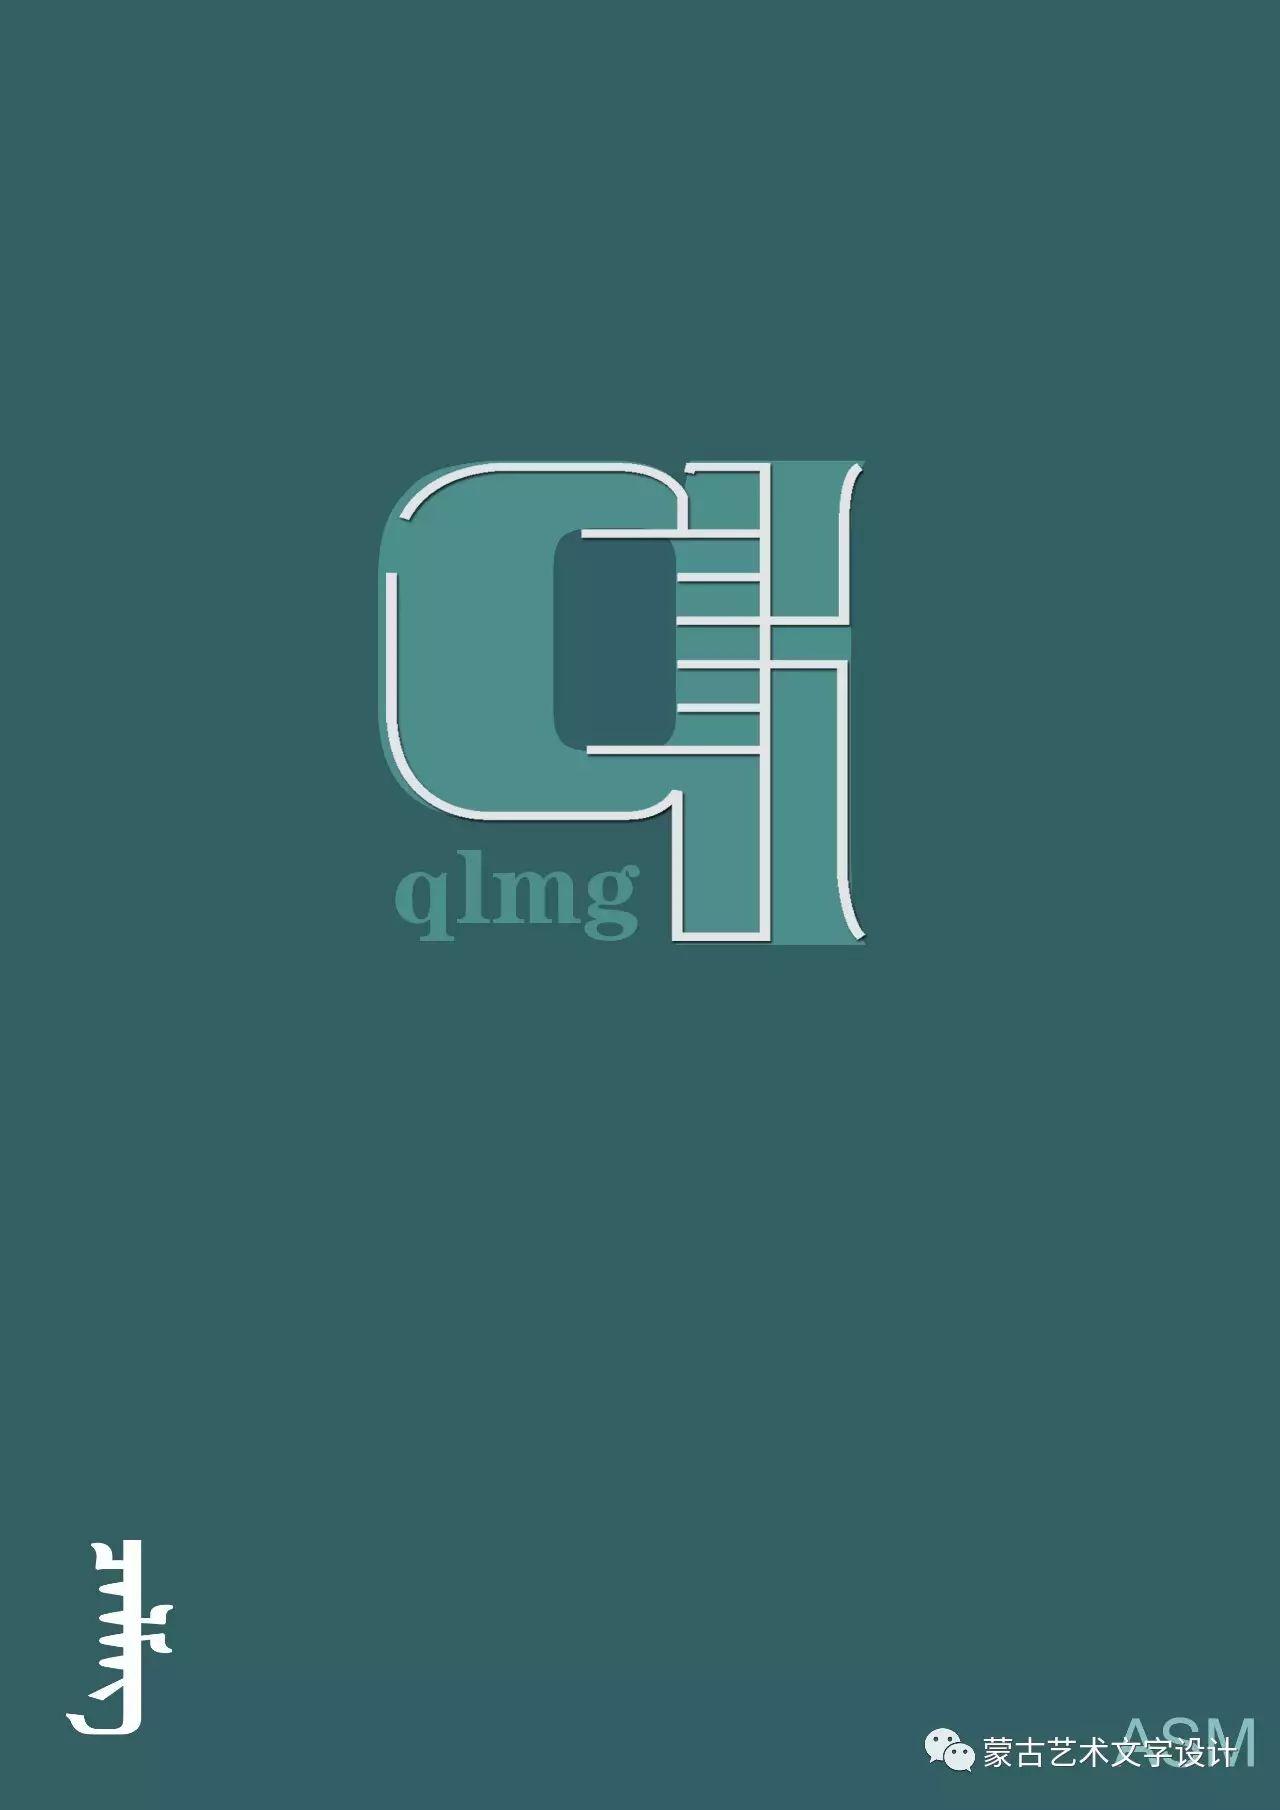 蒙古艺术文字设计 第58张